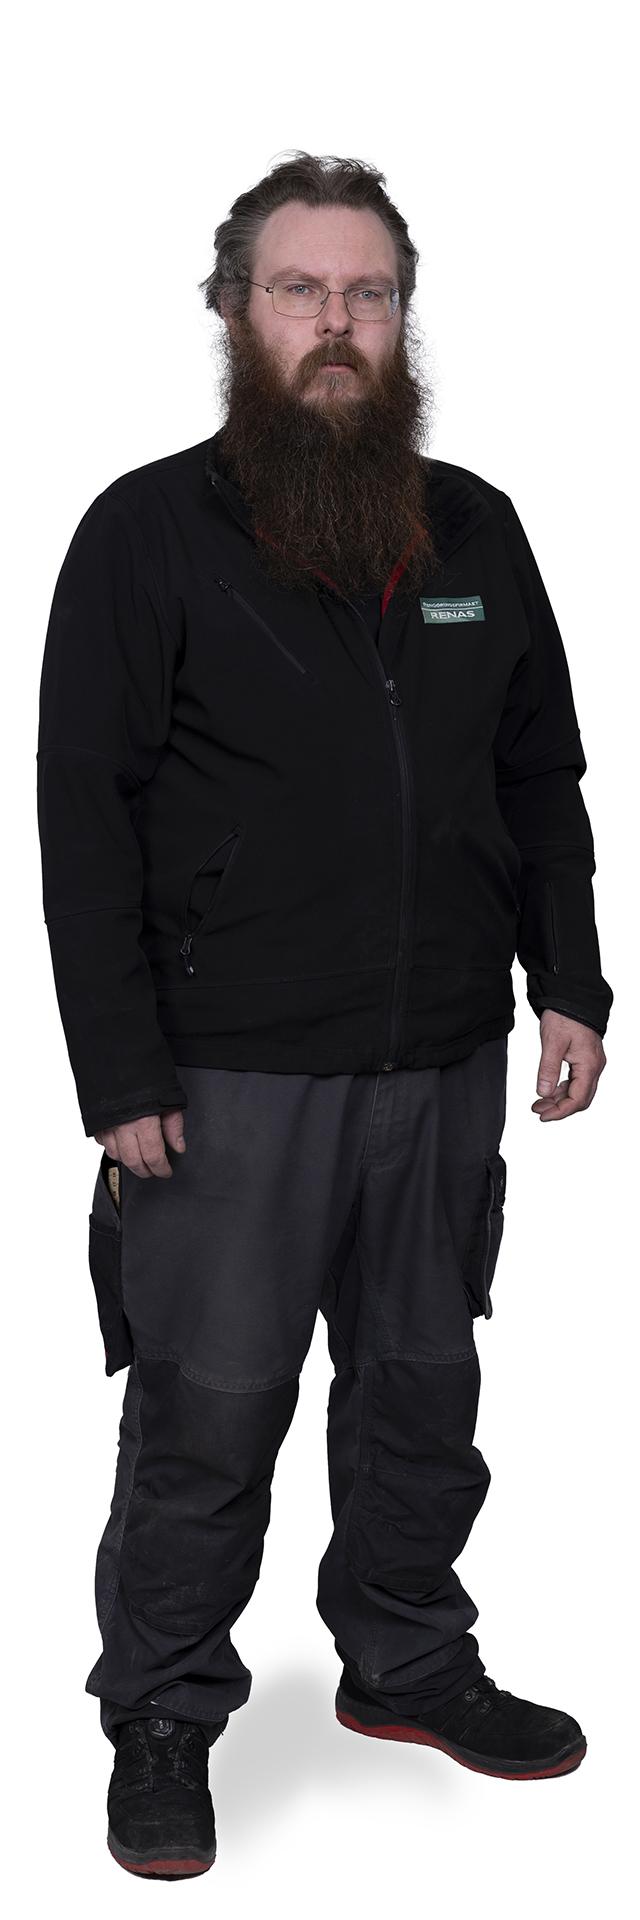 Renas Hel Figur 2021 1519